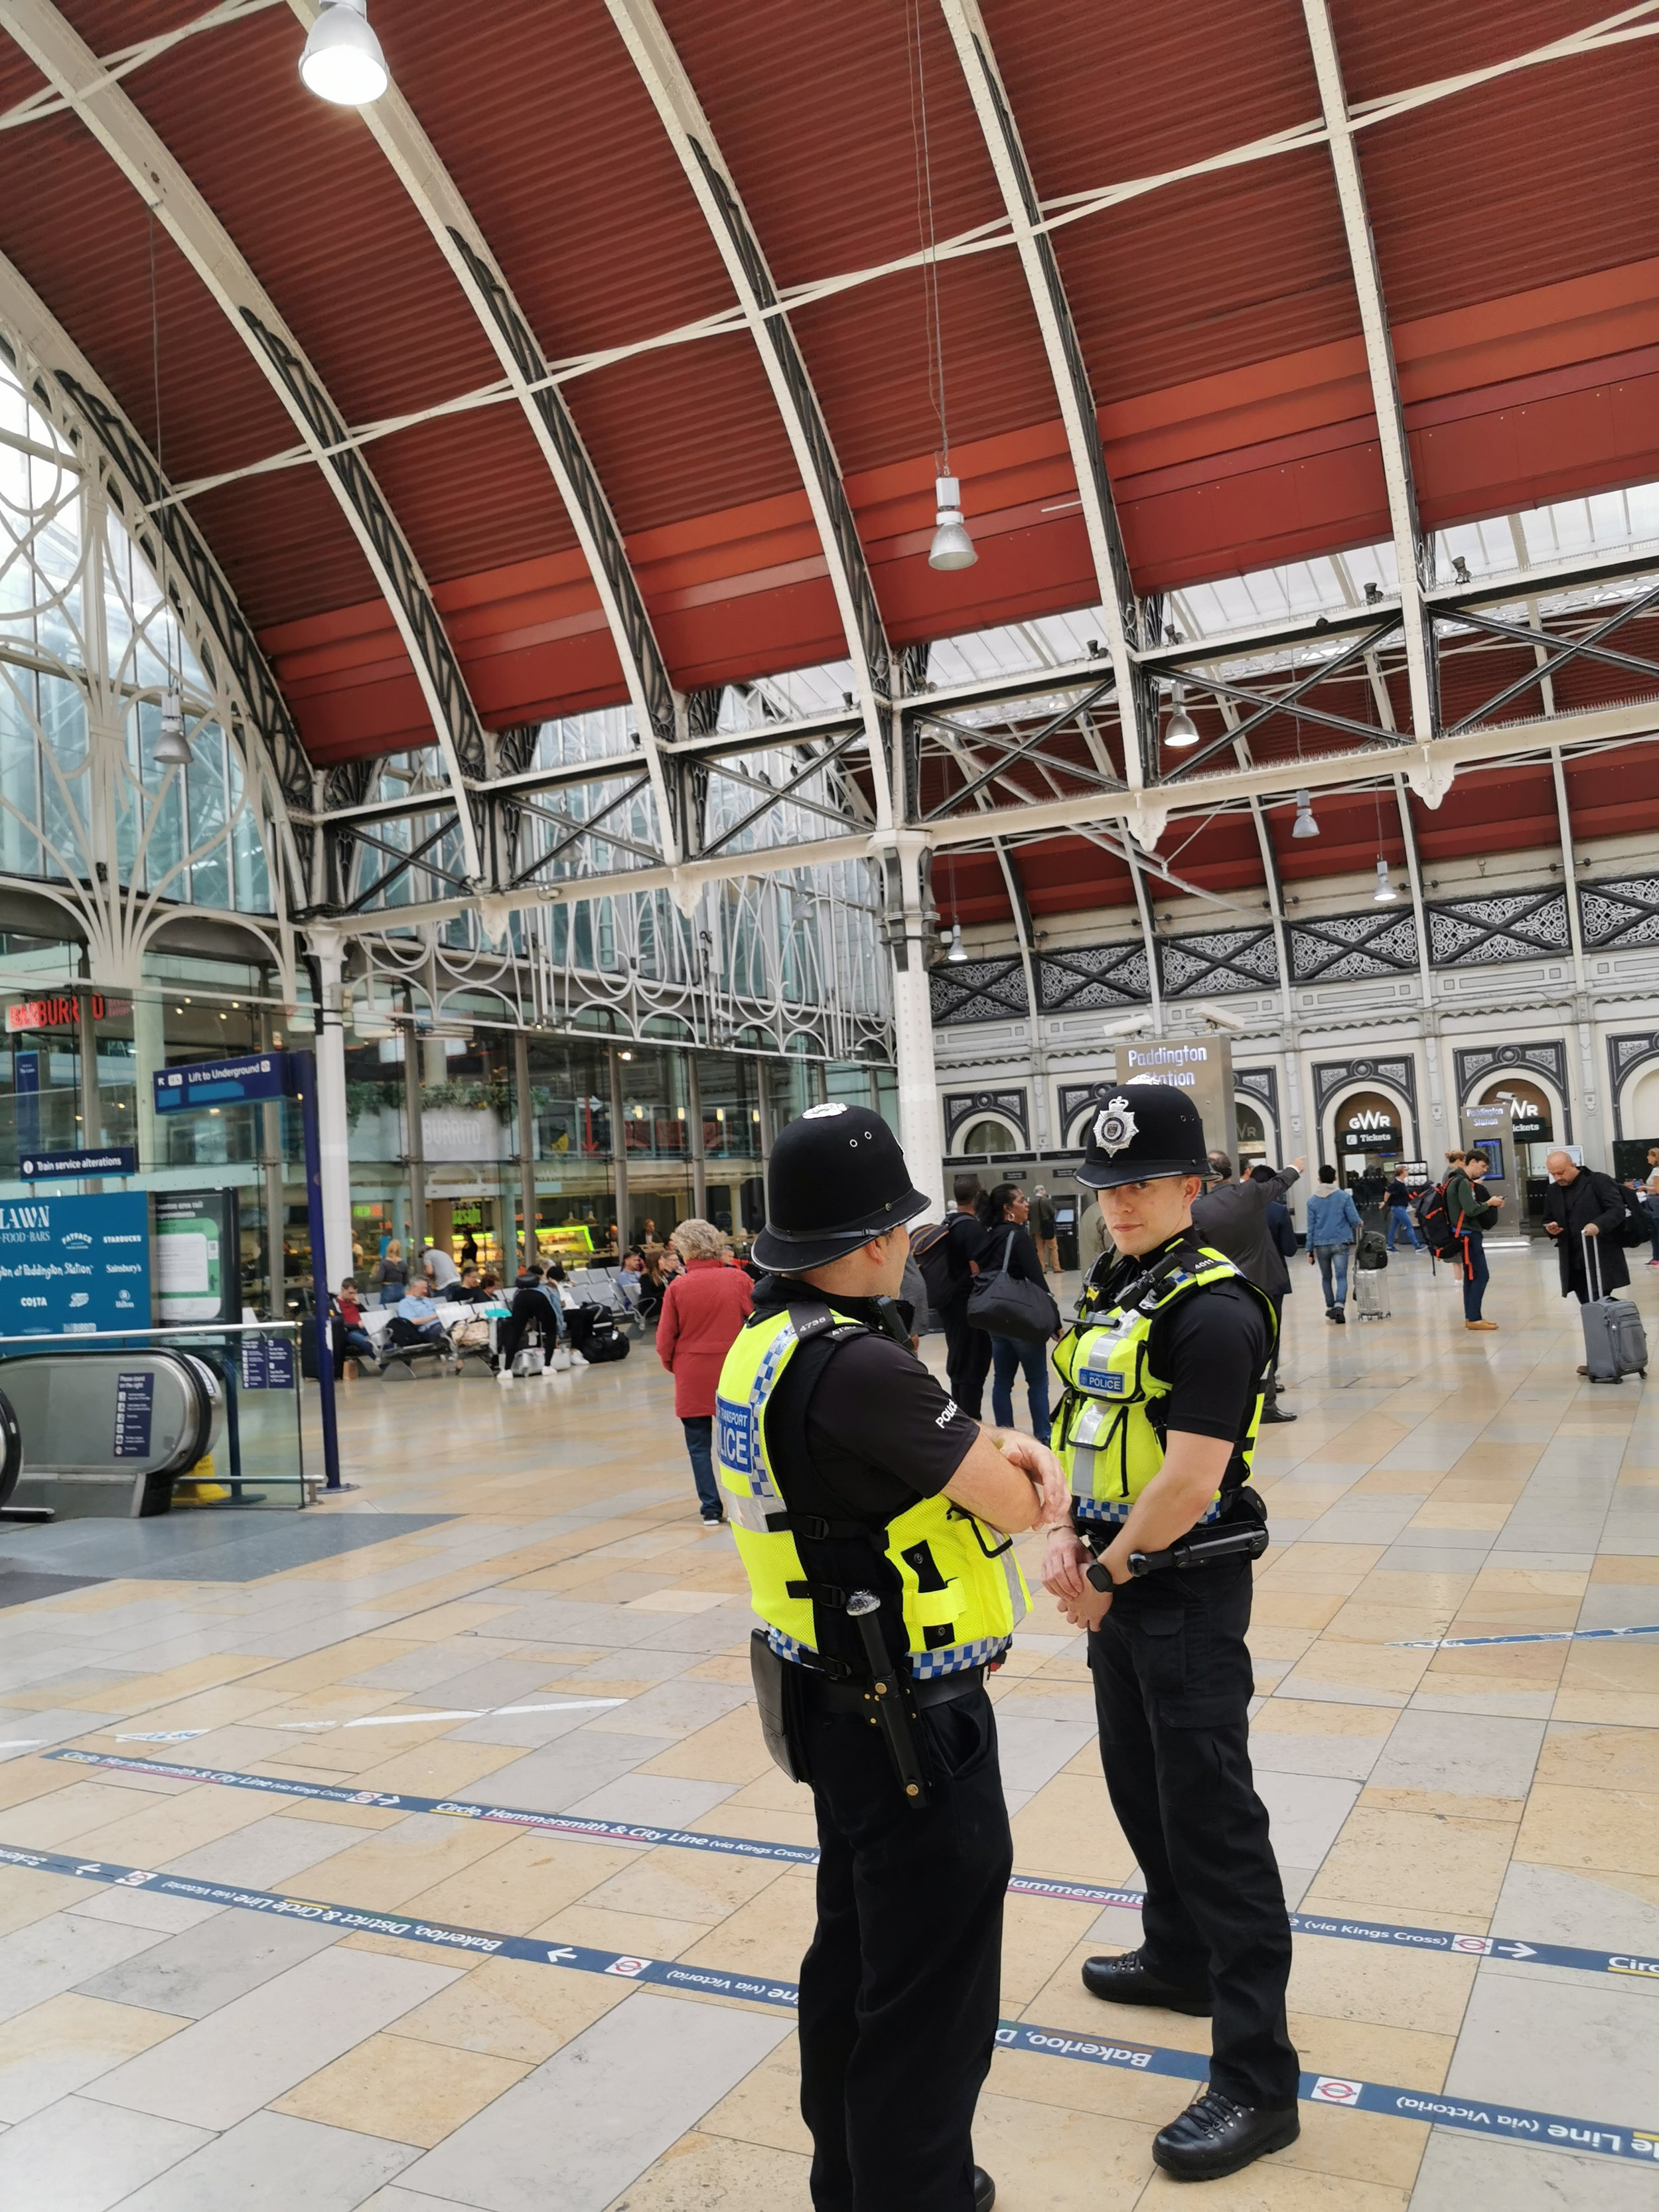 Når du ankommer Paddington station er det klart for turen ut i London. Byen med millioner av historier. Foto: Odd Roar Lange